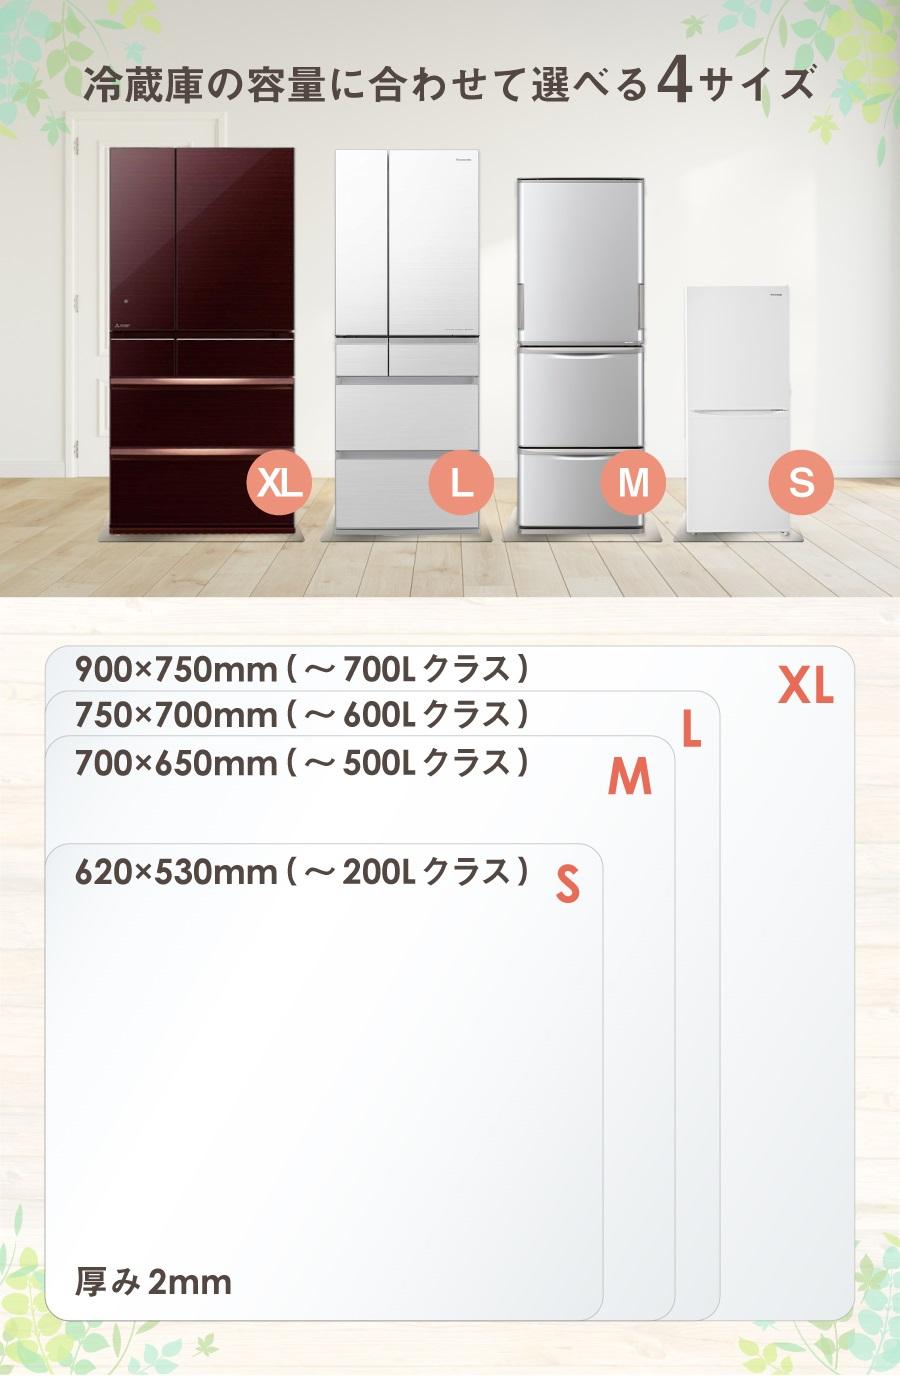 送料無料 冷蔵庫 マット 透明 Mサイズ (〜500Lクラス) 650×700×2mm キズ 凹み へこみ 防止 すべり止めシール付 1年保証 冷蔵庫マット 冷蔵庫 防音マット 防音シート ポリカーボネイト 置台 賃貸 引越 新居 ALC040-M